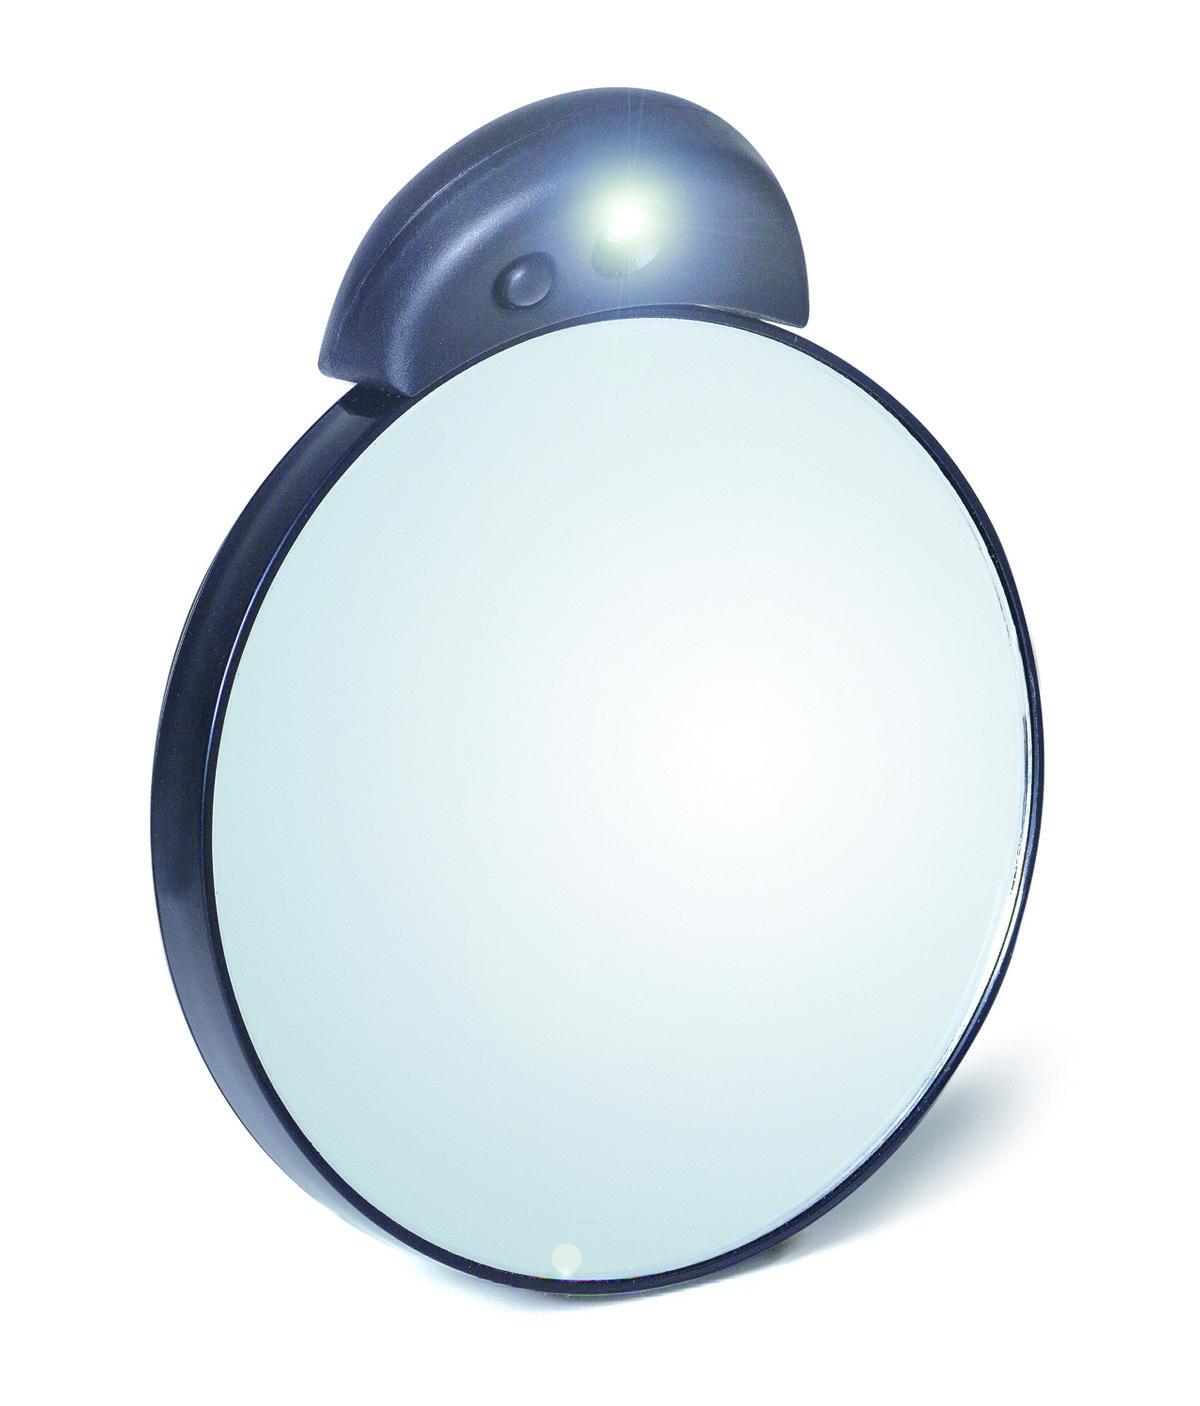 Tweezerman_Tweezermate_10x_Lighted_Mirror_DKK199